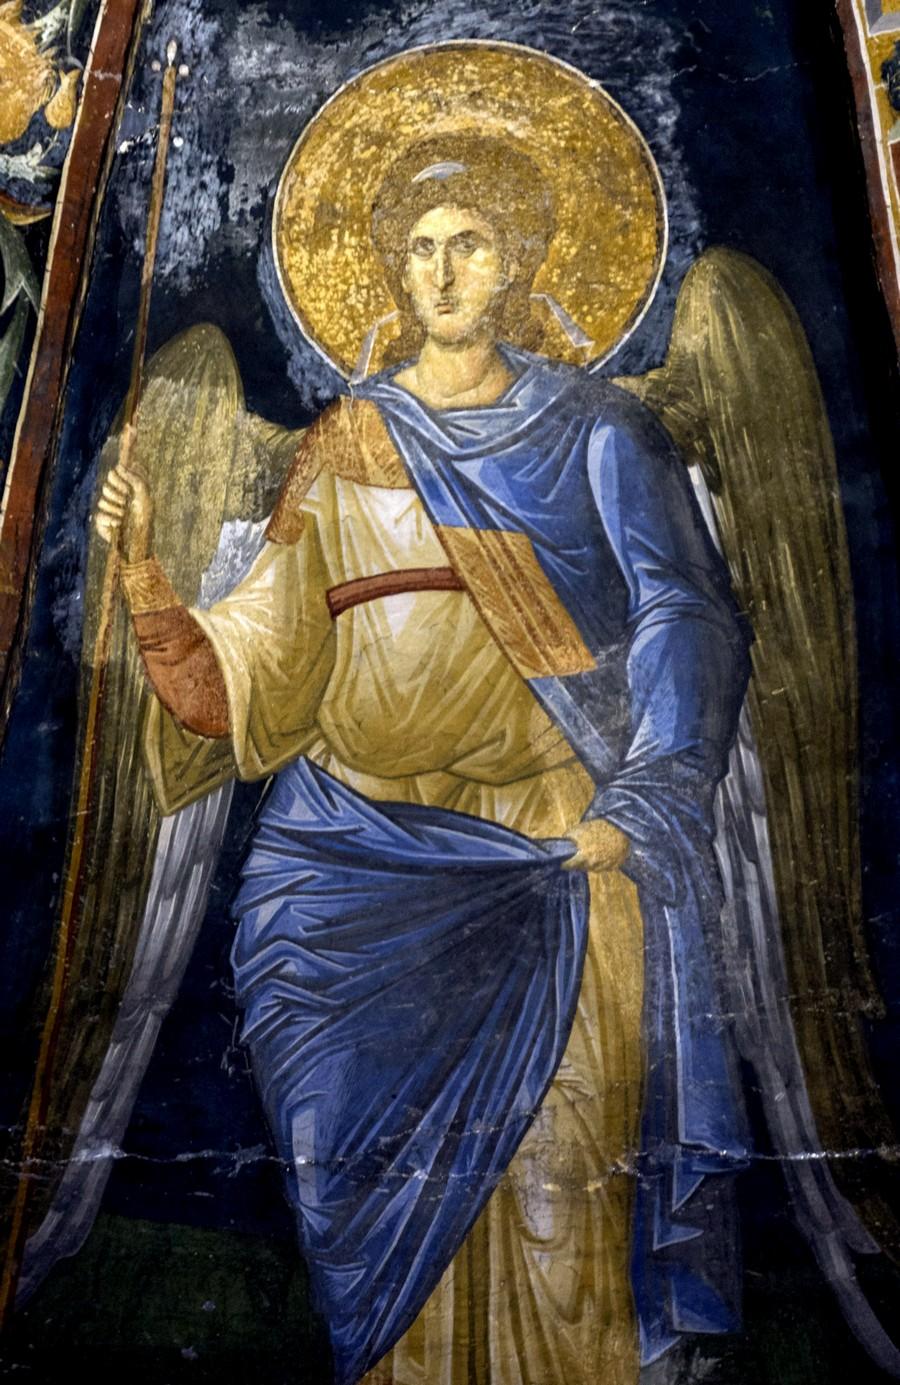 Ангел Господень. Фреска монастыря Хора в Константинополе. 1316 - 1321 годы.